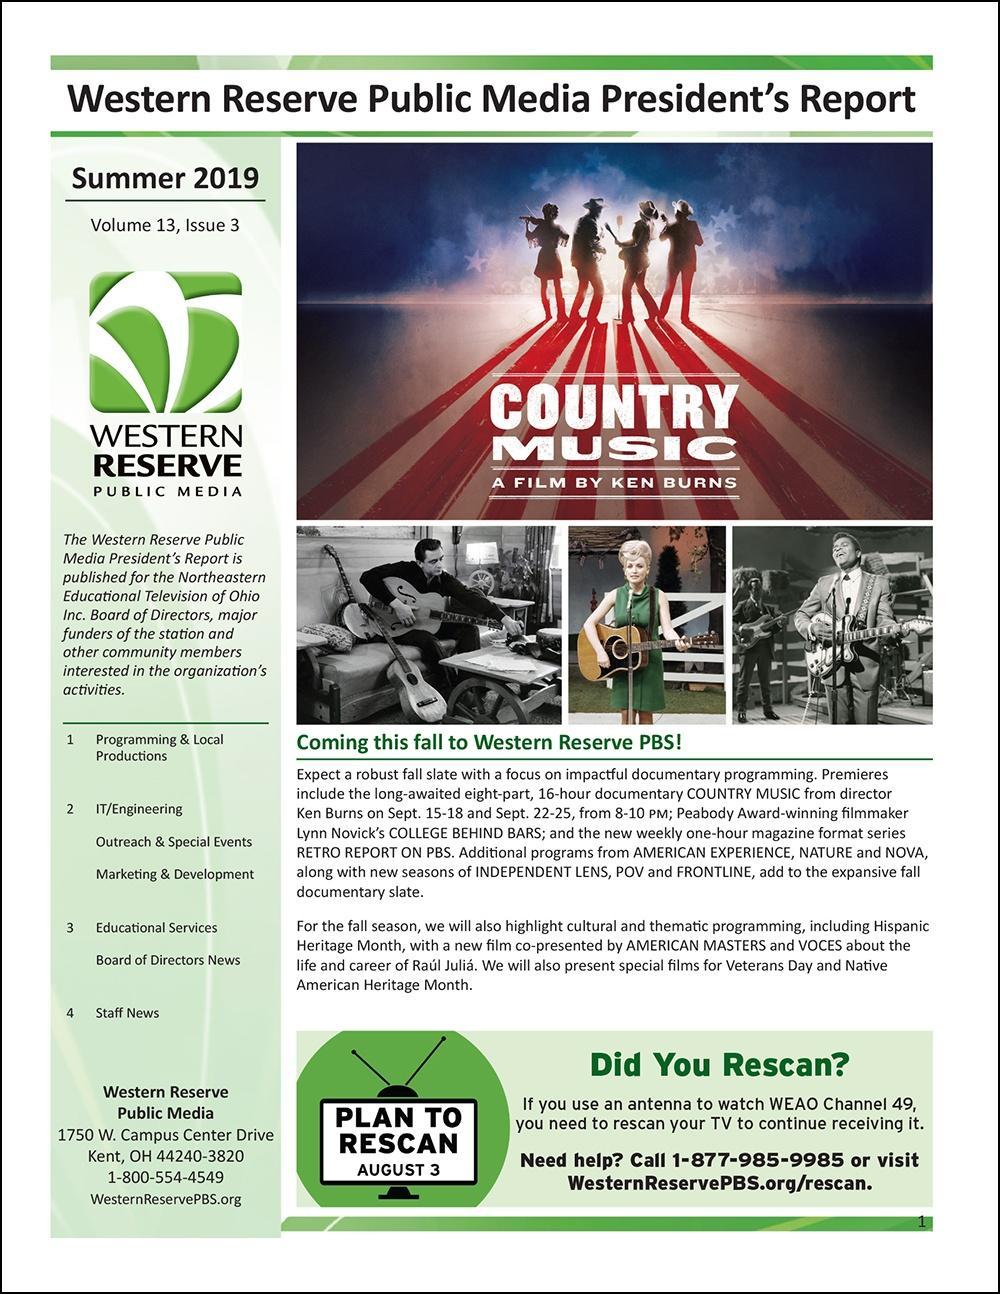 Summer 2019 - Volume 13, Issue 3